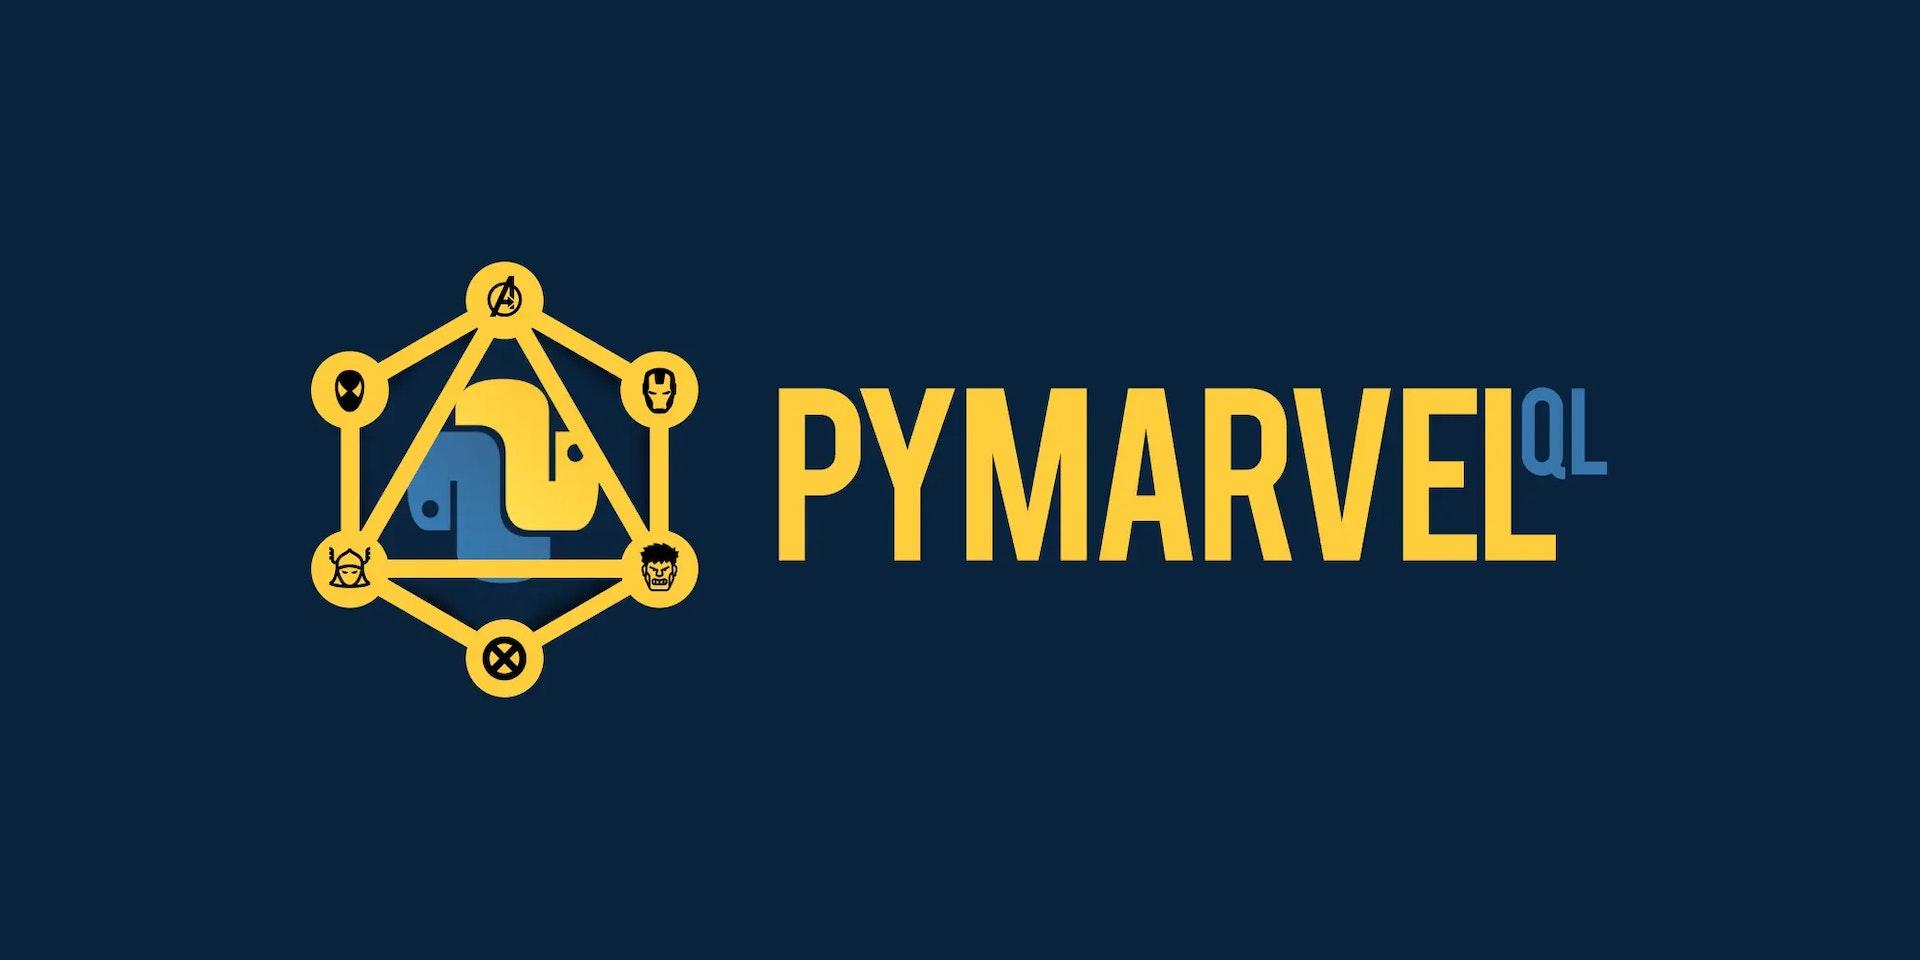 Python + Marvel + GraphQL = PyMarvelQL